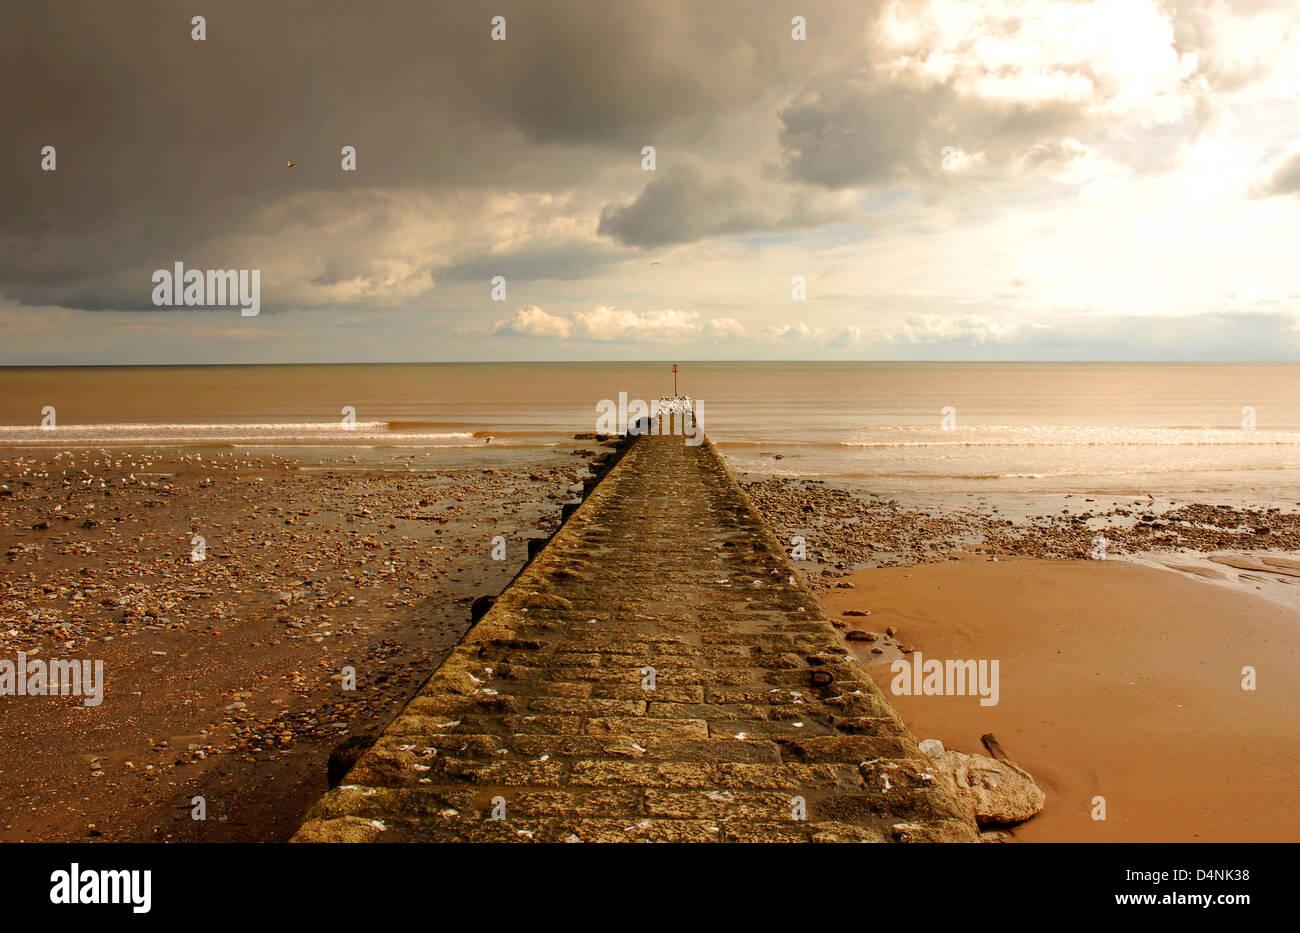 Winter Beach Scene-seawall, die zu Wellen - starke visuelle Linien-dramatische Sturm Bedrohung Wolken. Stockbild